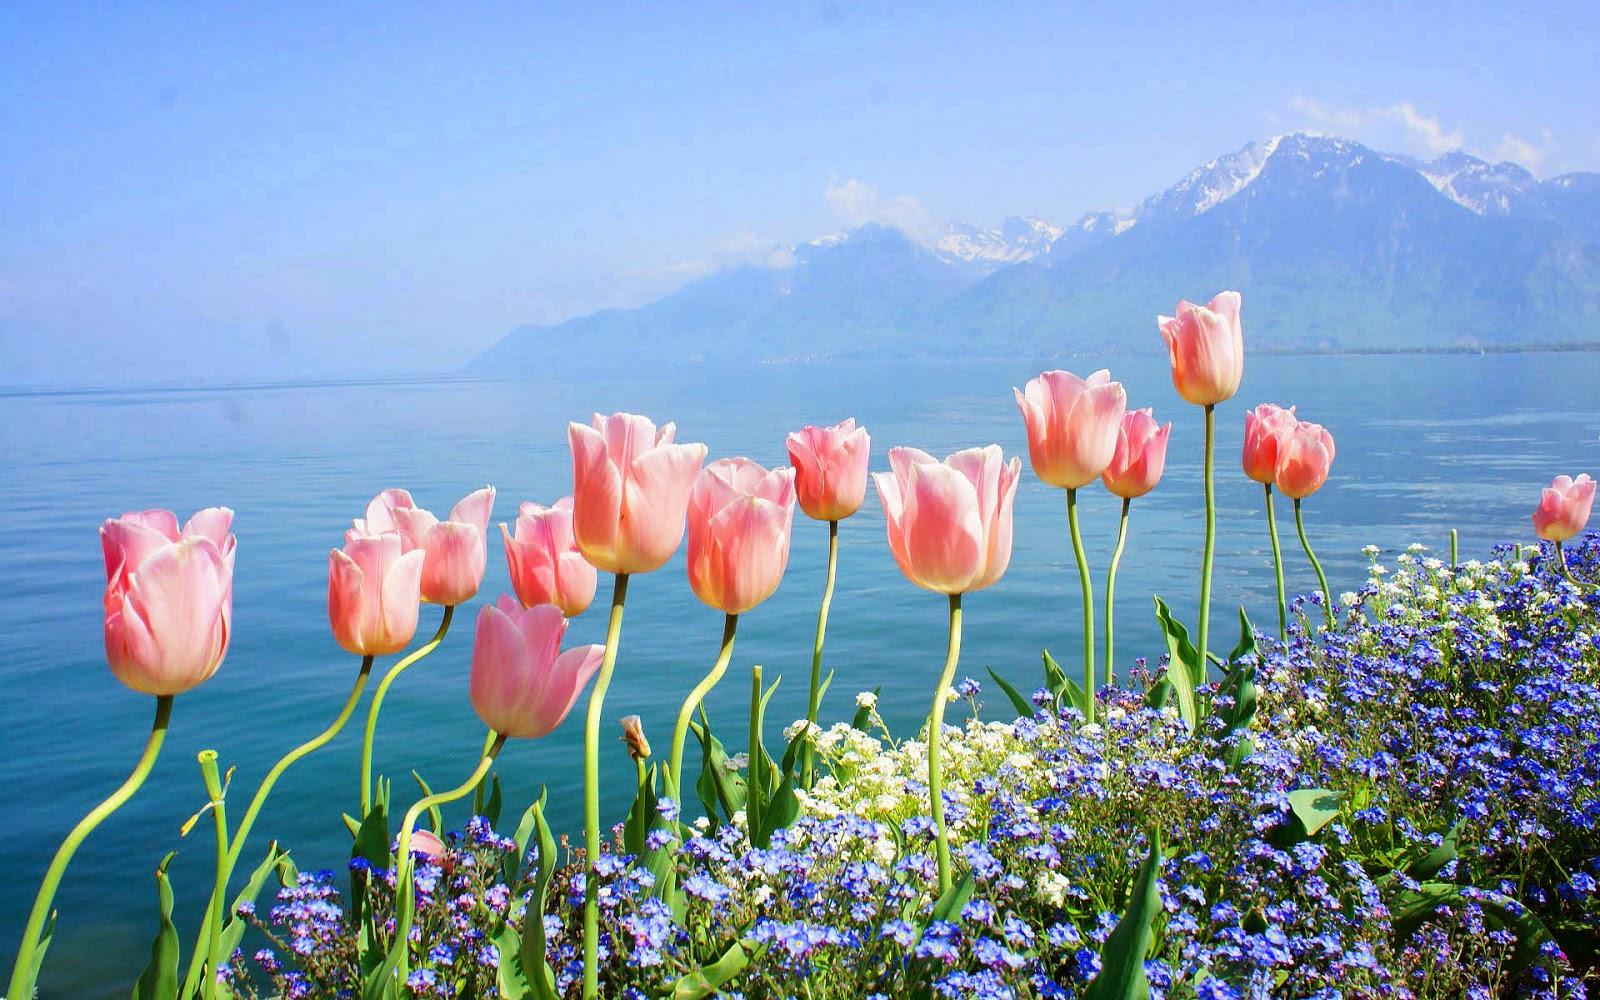 Roze tulpen en blauwe bloemen langs de waterkant in de lente